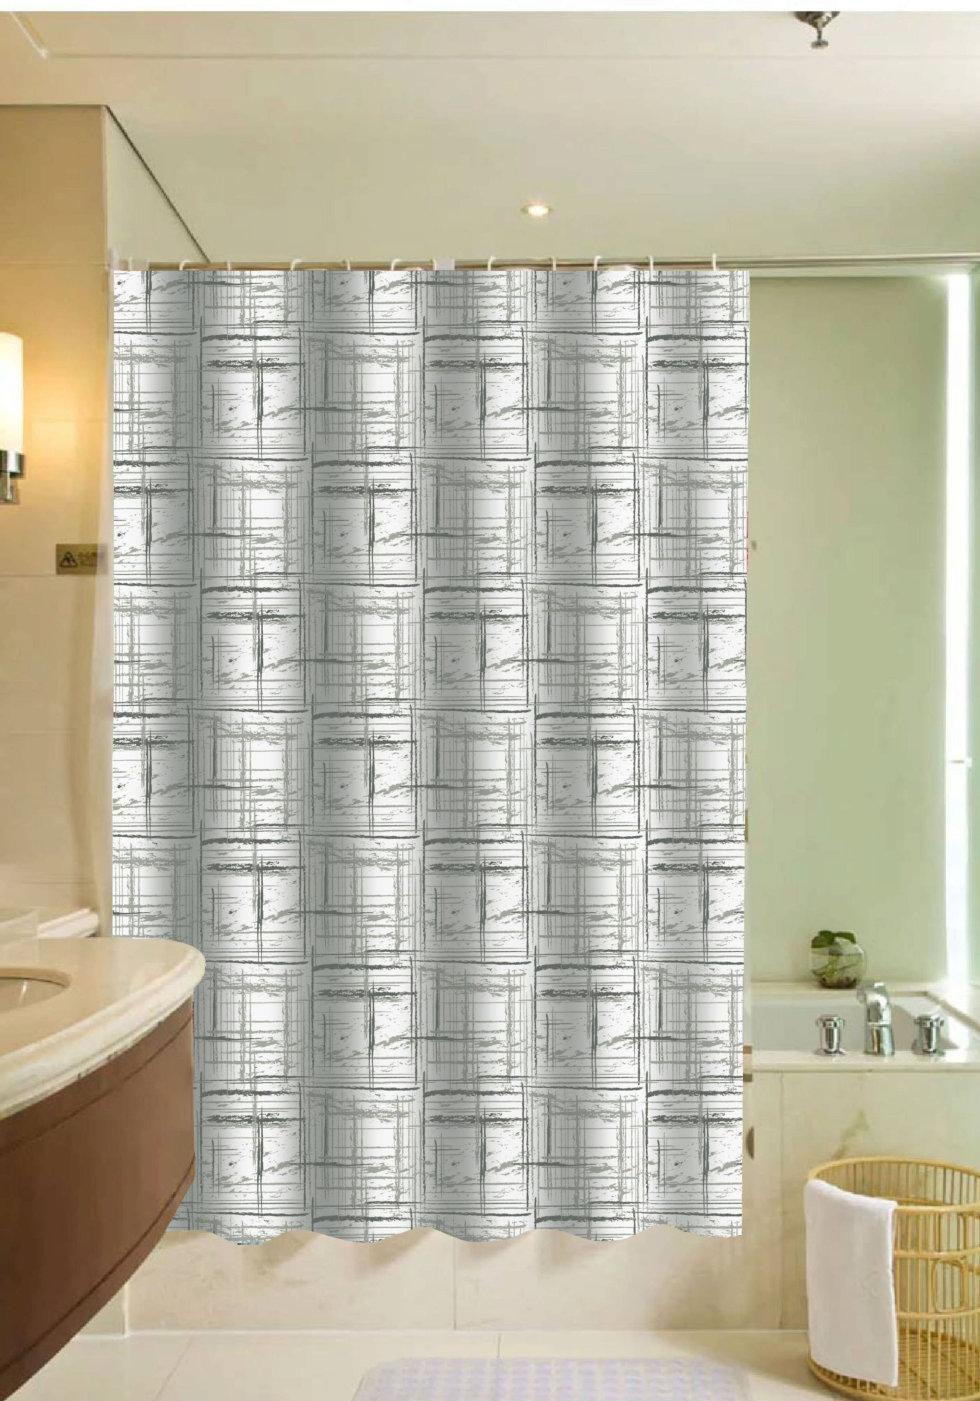 Штора для ванной комнаты Detroit, 180x200 см, полиэстер